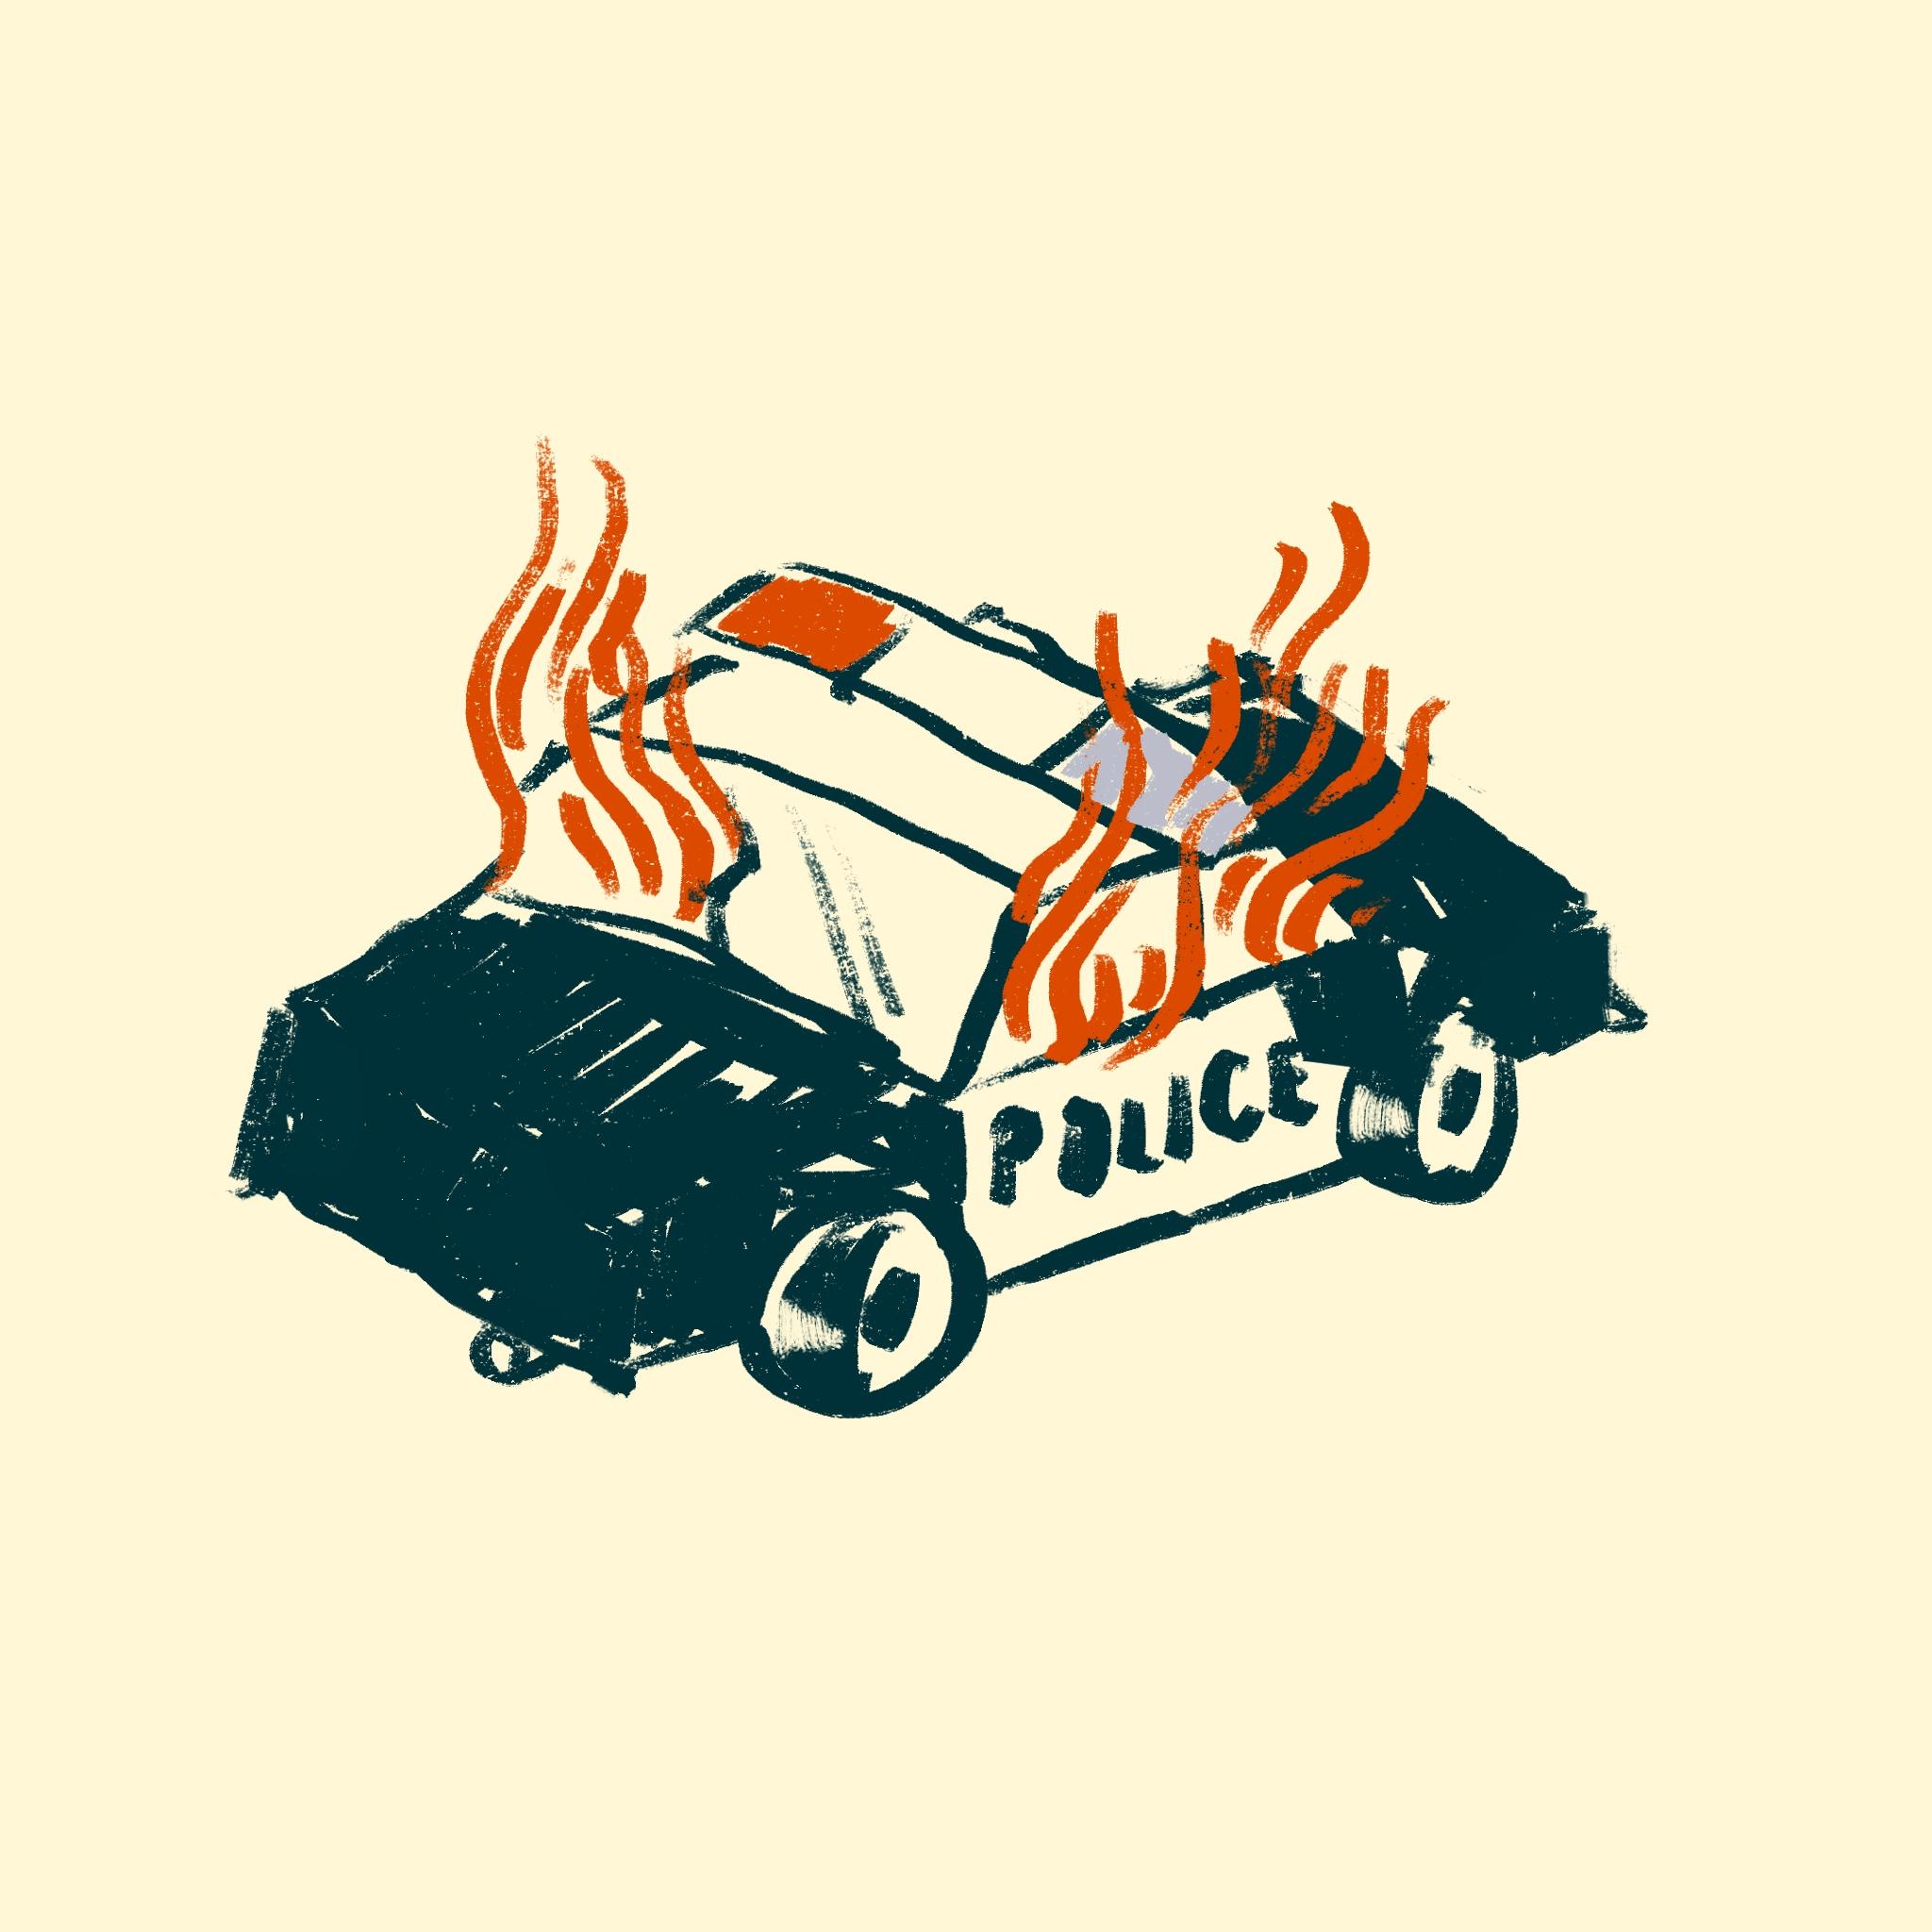 Burn_it_down